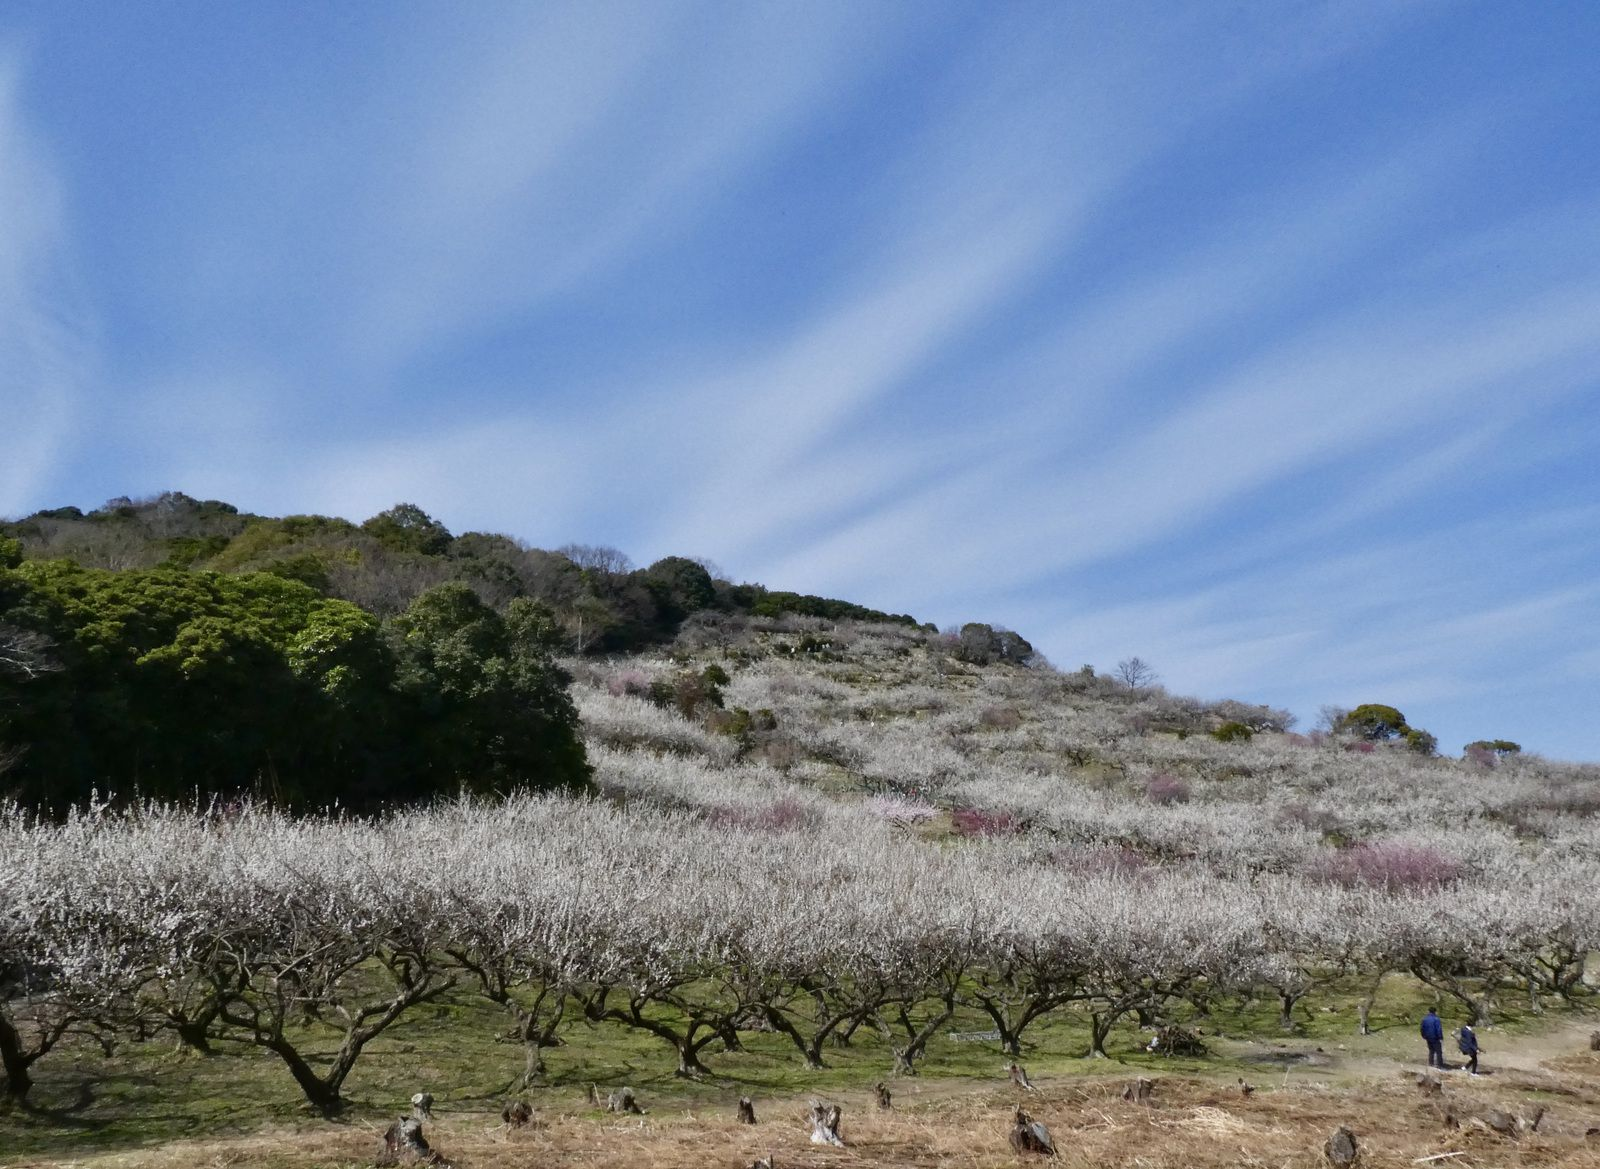 Préf. de Hyôgo: Les 8000 pruniers Umé 梅 du mont Ayabe